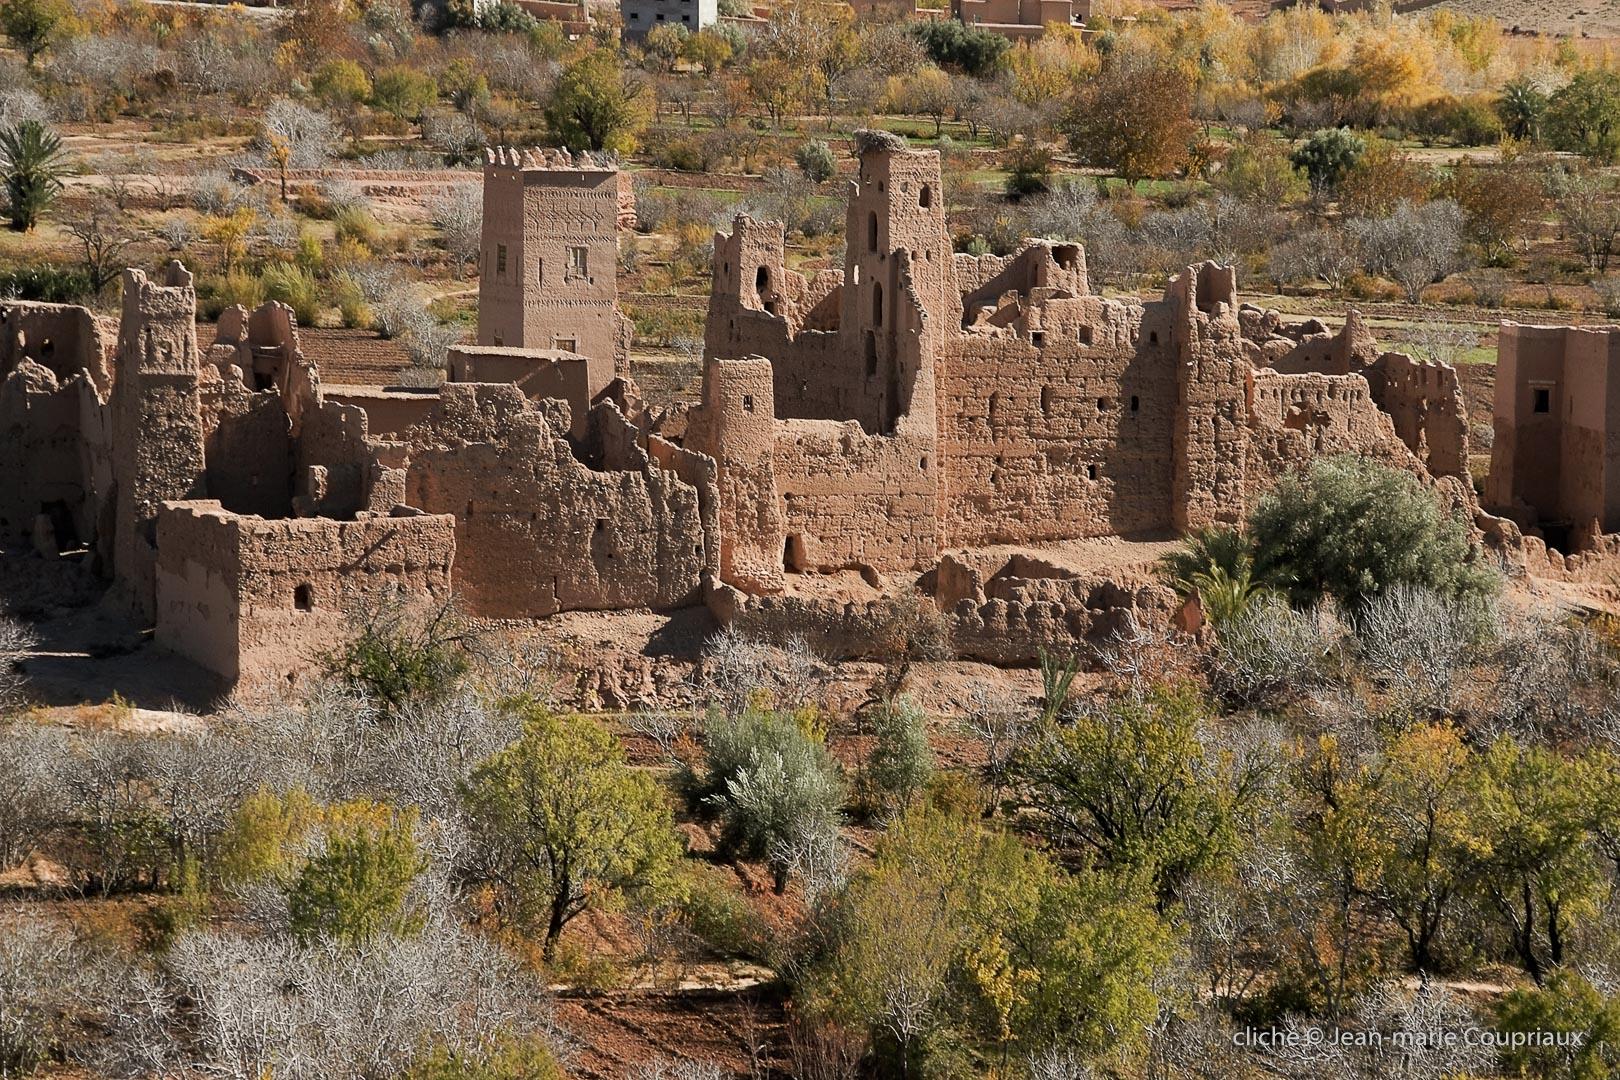 481-Maroc-2002a2013